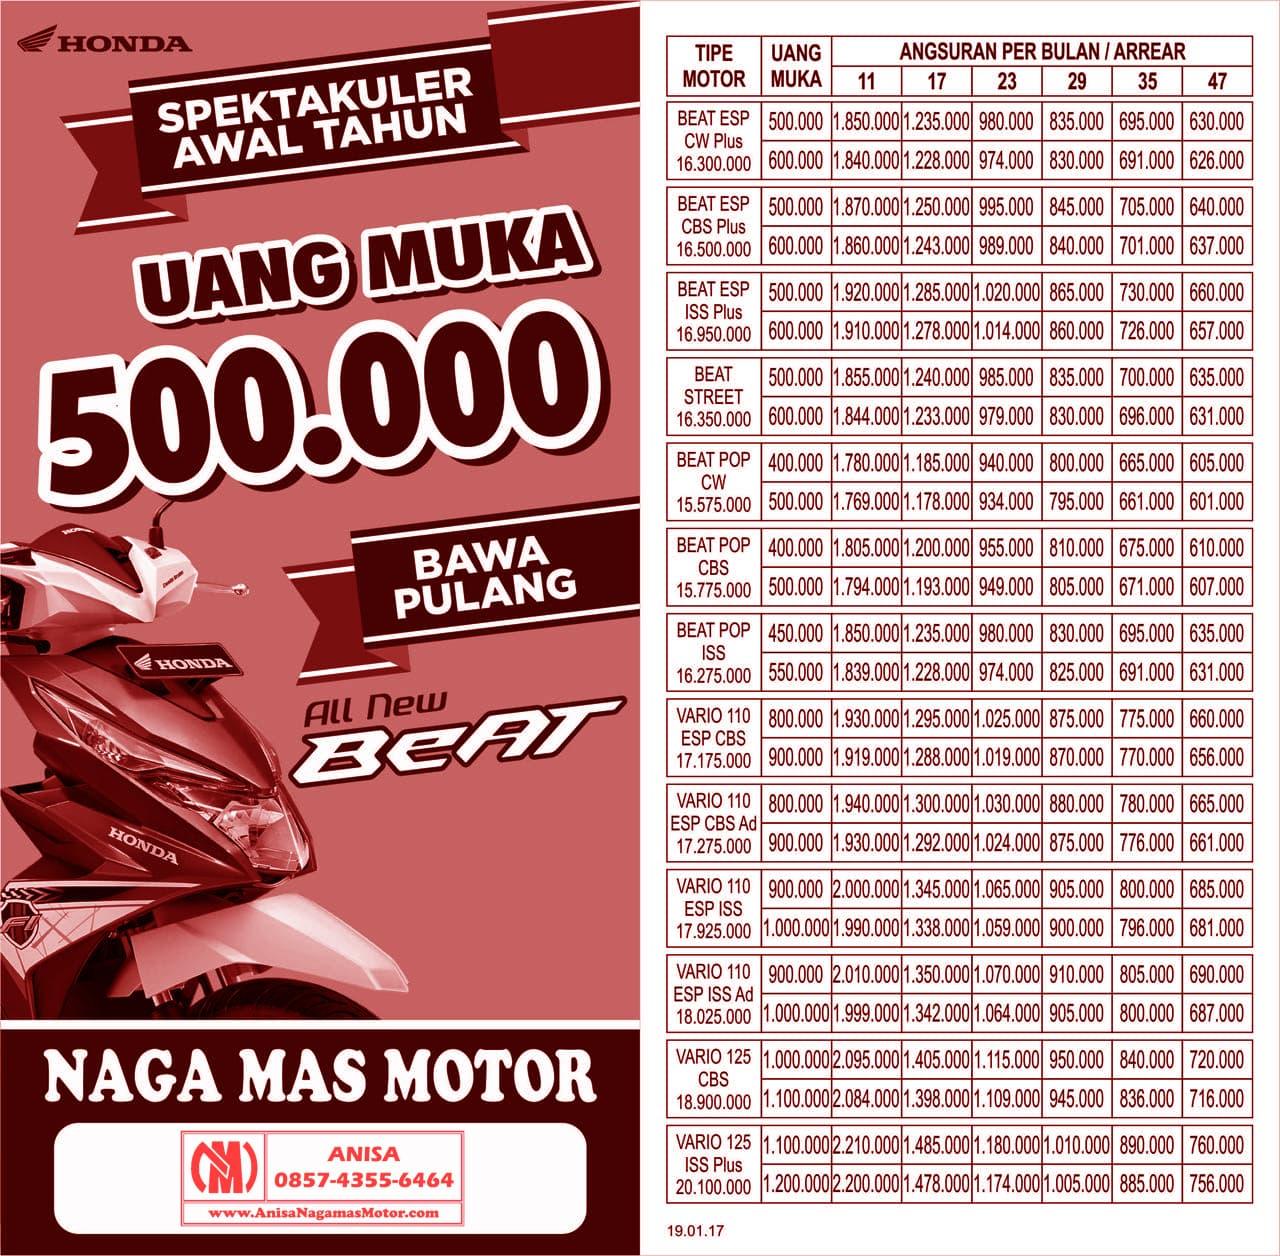 Anisa Counter Sales Dealer Nagamas Motor Klaten New Vario 110 Esp Cbs Iss Grande White Brebes Promo Spektakuler Awal Tahun 2017